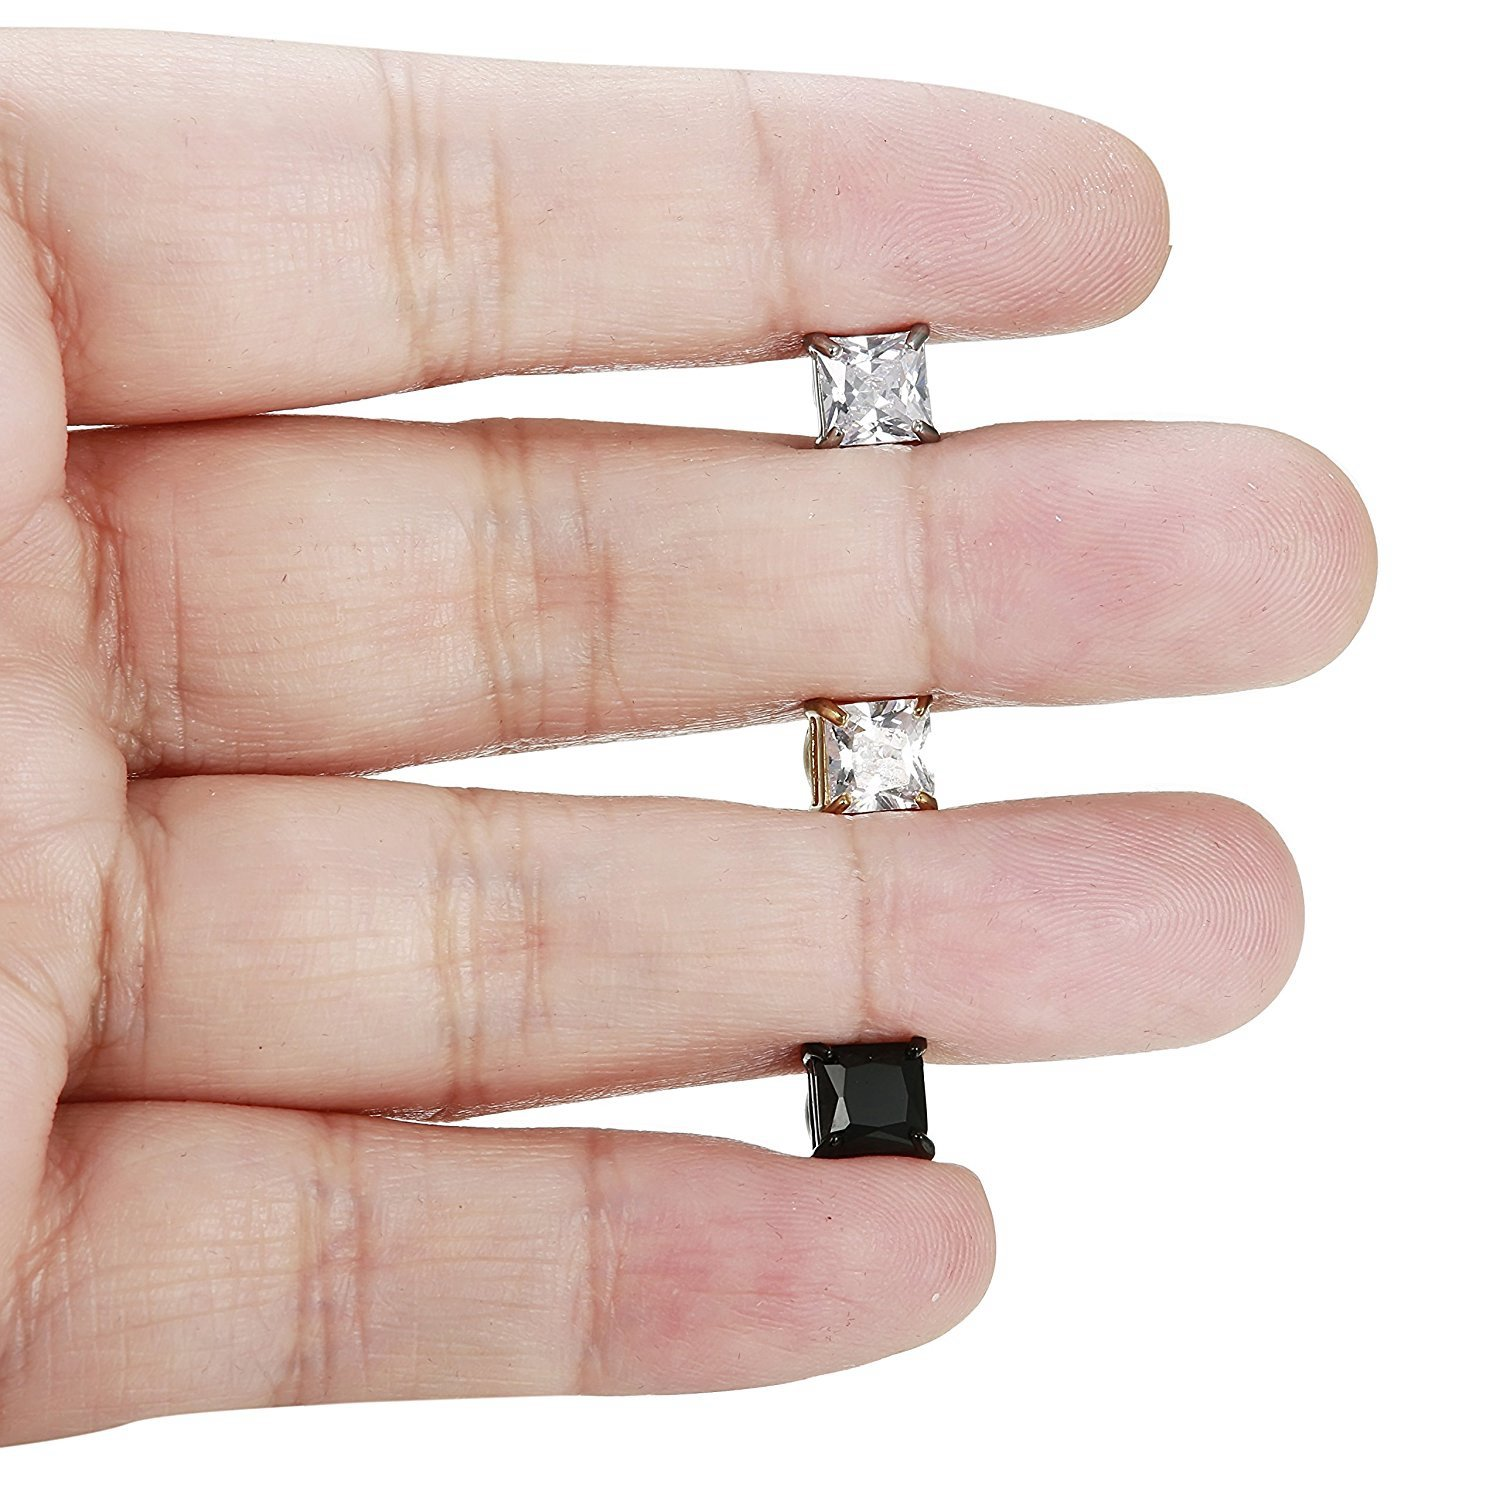 BESTEEL 3Paires Acier Inoxydable Boucles d/'Oreilles Magn/étique Homme Femme Carr/é Boucles d/'Oreilles Clip Non Piercing CZ 5-8MM